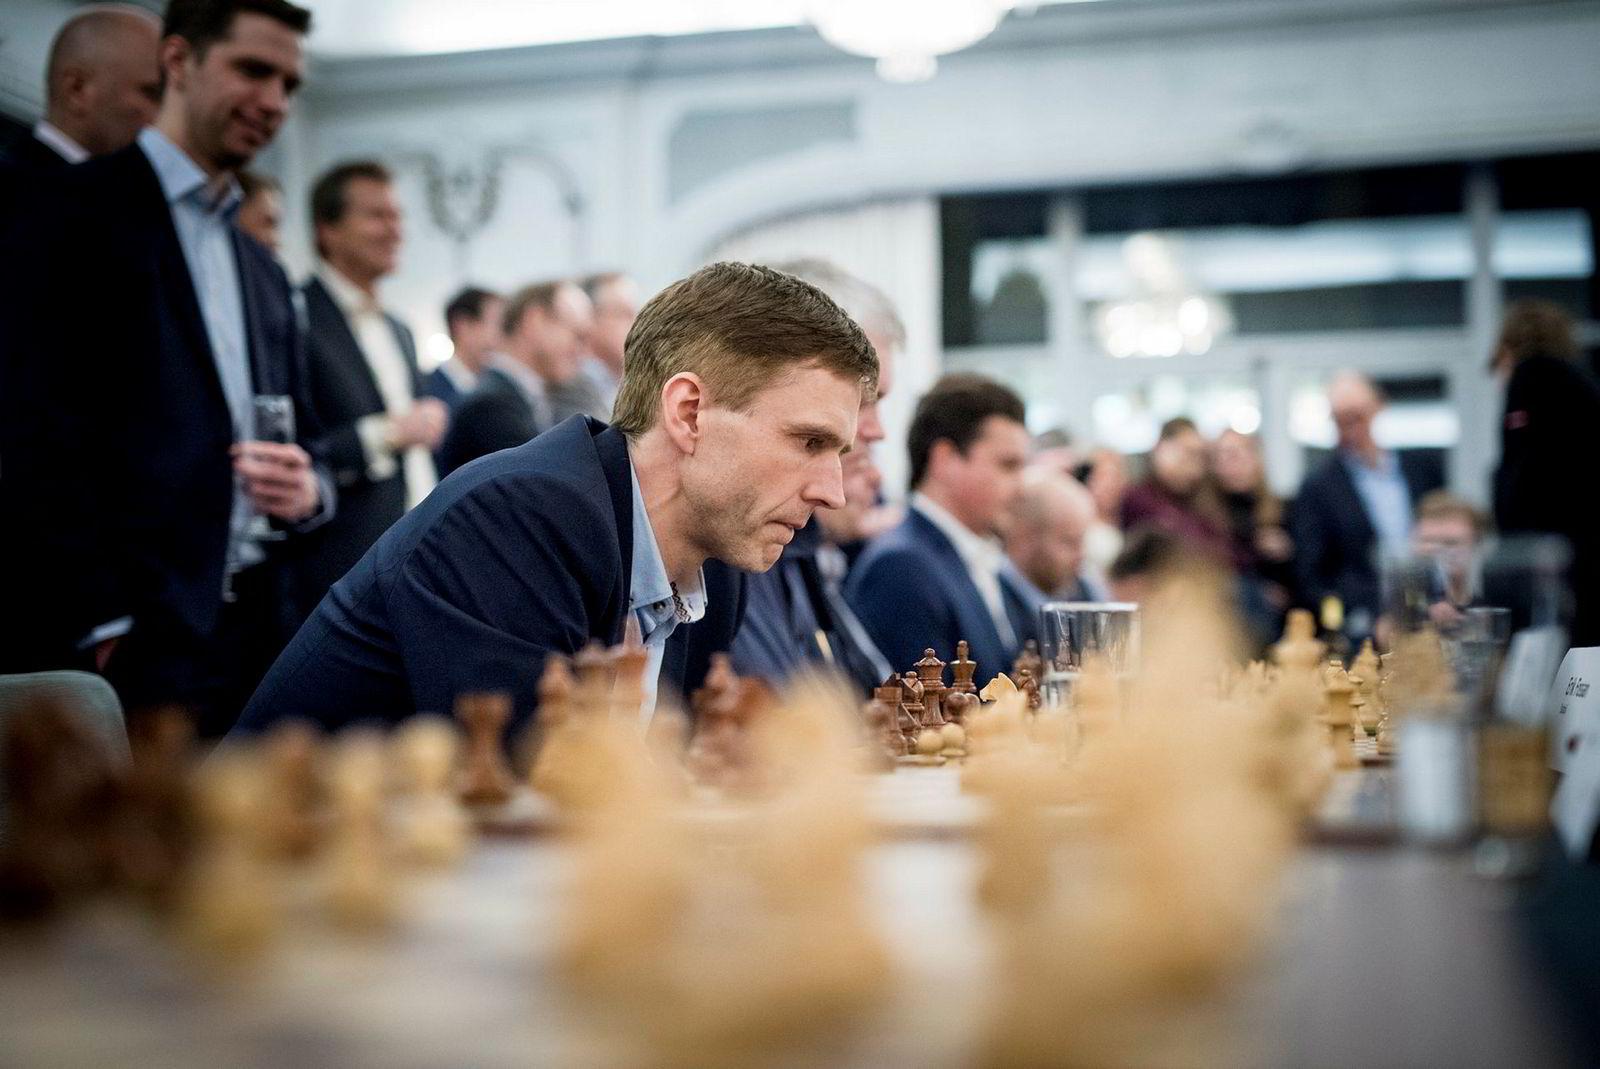 Kapitalforvalter Erik Fossan i Statoil er tidligere norgesmester i lynsjakk og har en FIDE-rating på 2402 i lynsjakk.